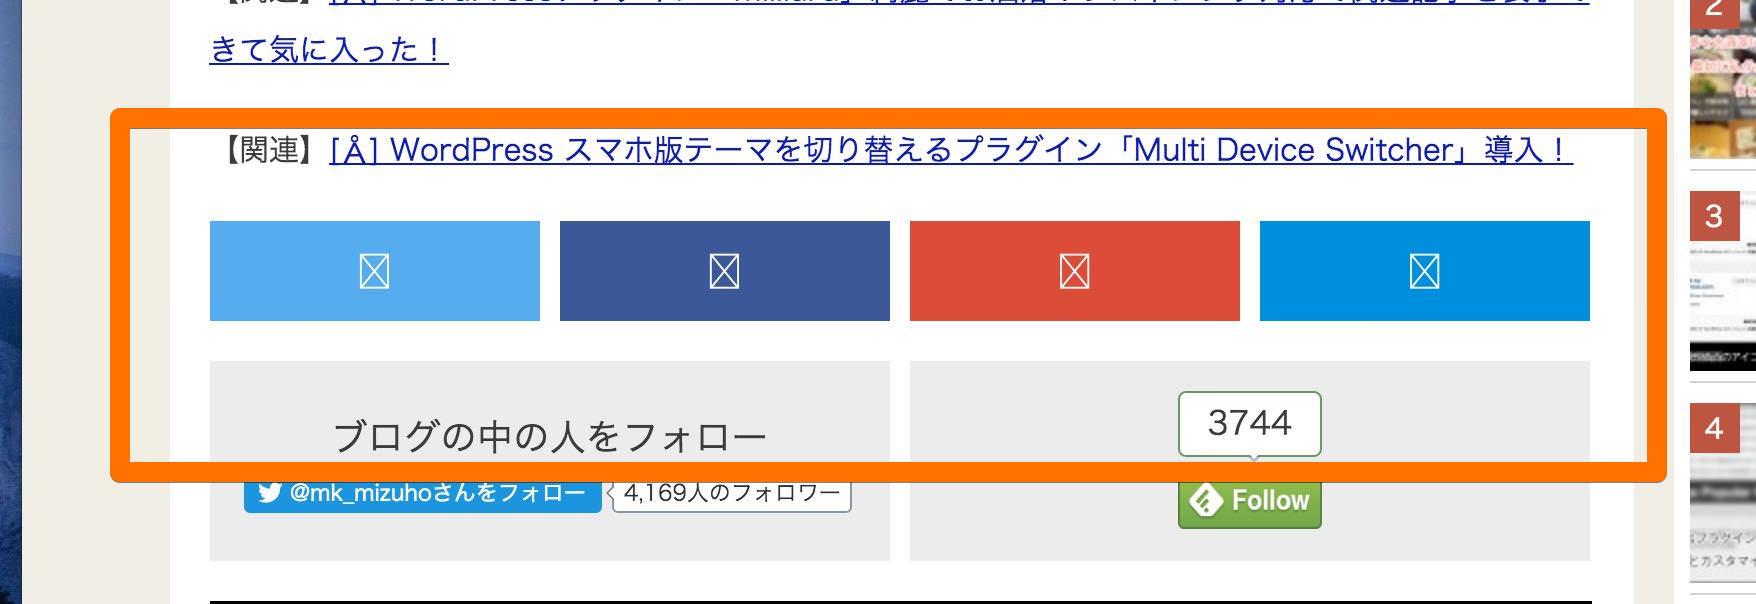 スクリーンショット 2016-02-20 17.47.43